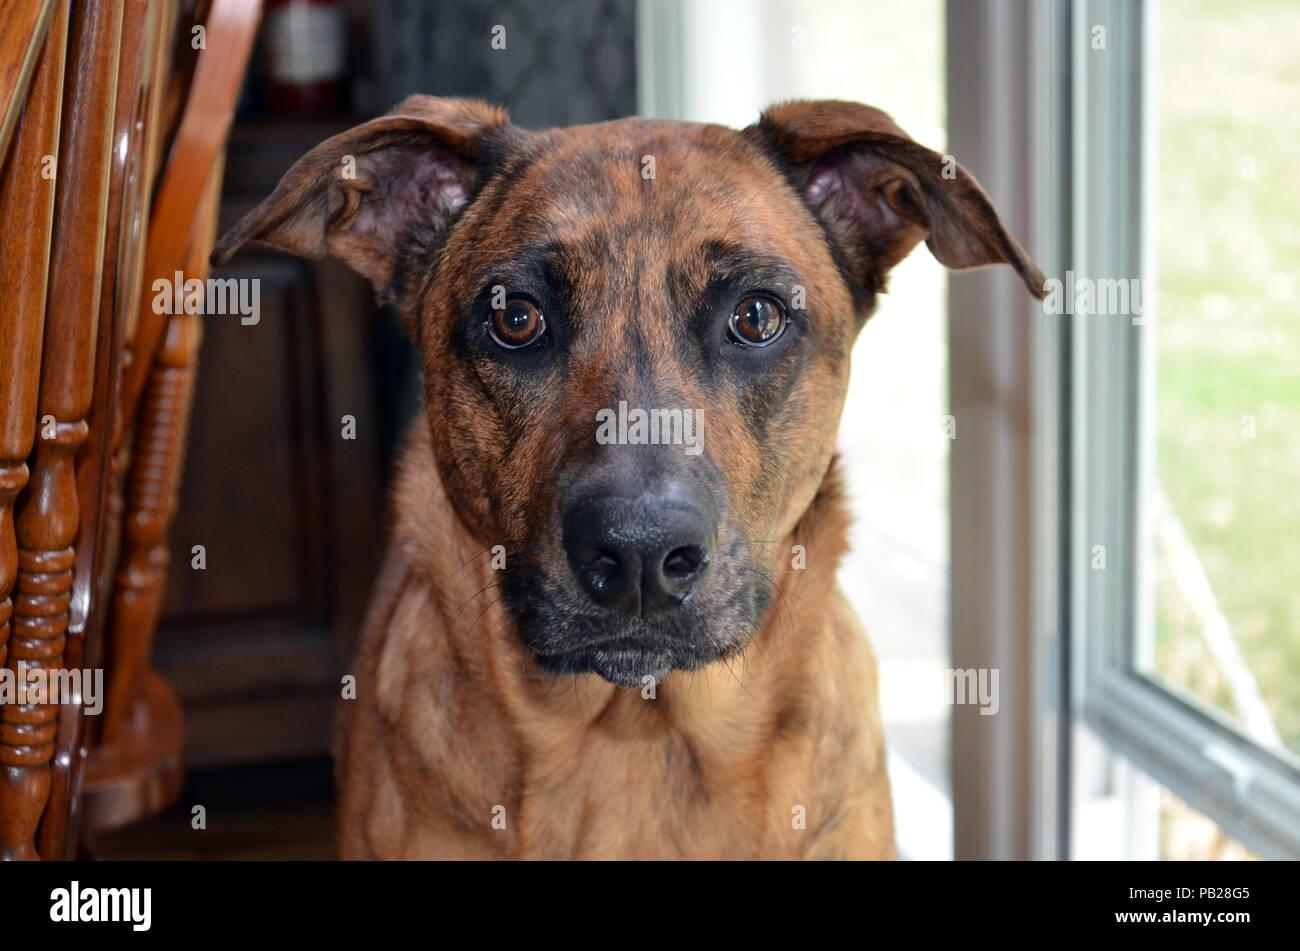 Brindle Dog - Stock Image